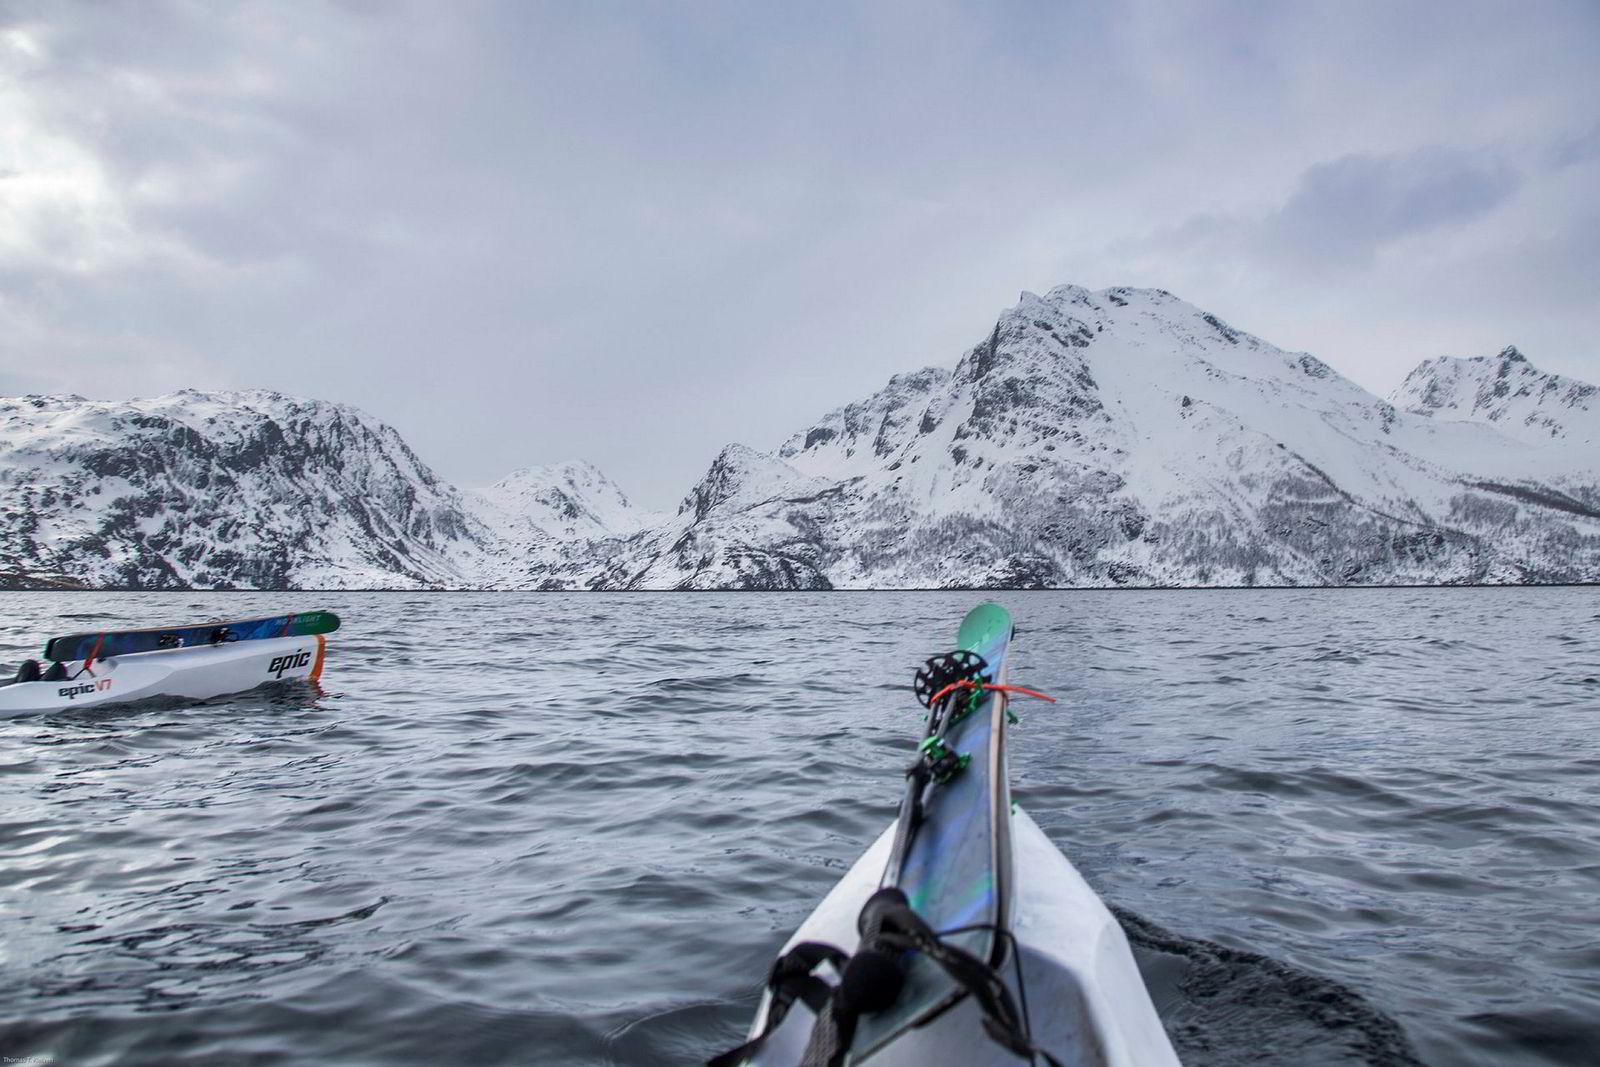 Fjellet Joahkonjárga ligger foran skituppene på kajakkene som krysser fjorden. Det 904 meter høye fjellet skal bestiges på dagens skitur.